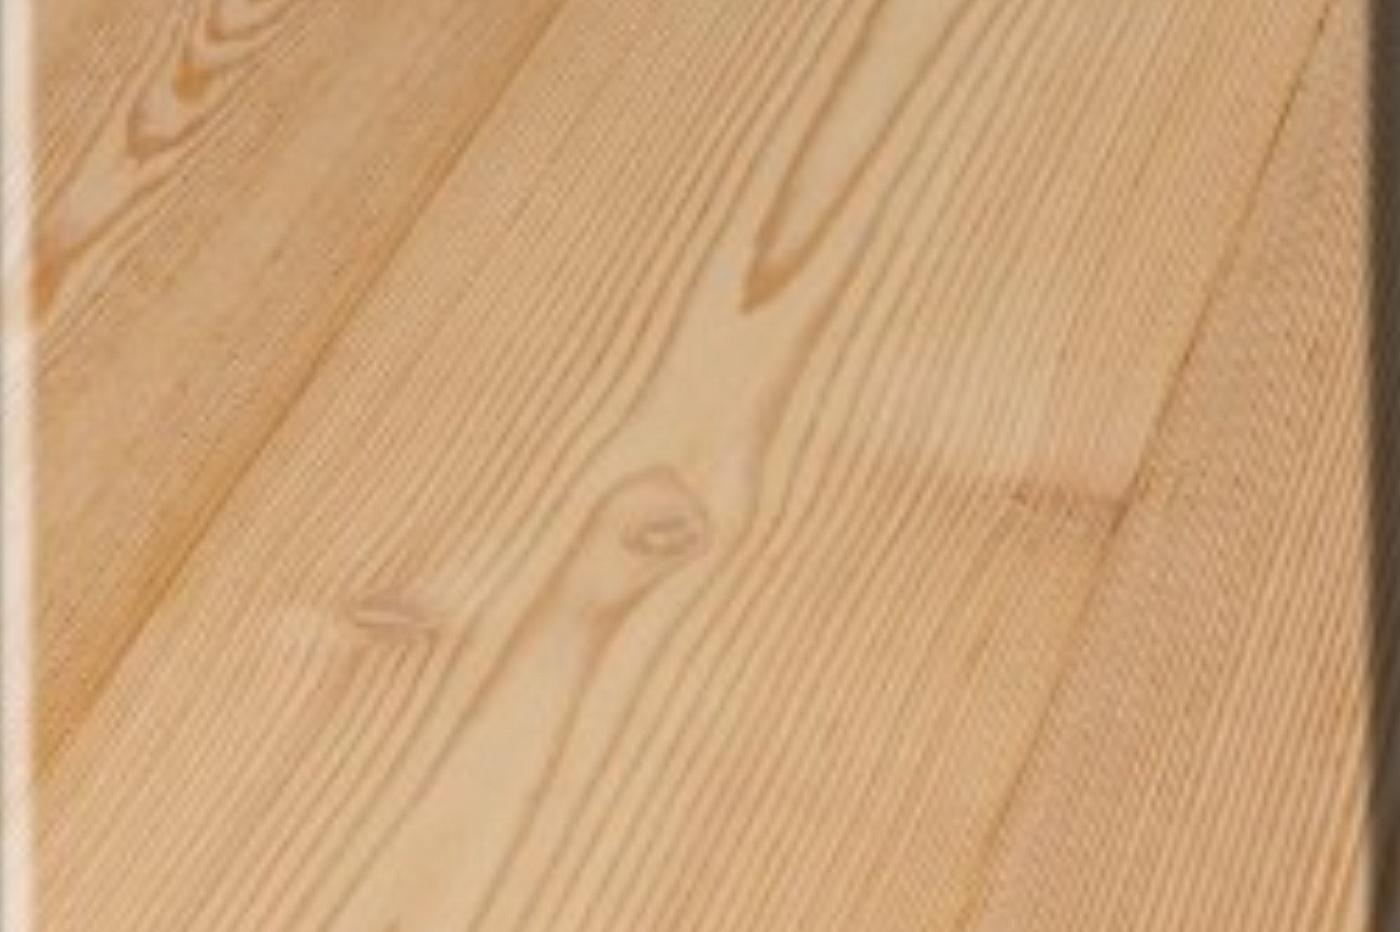 Legno Grezzo Chiaro : Bianchini capponi legno grezzo e bianco foto grazia